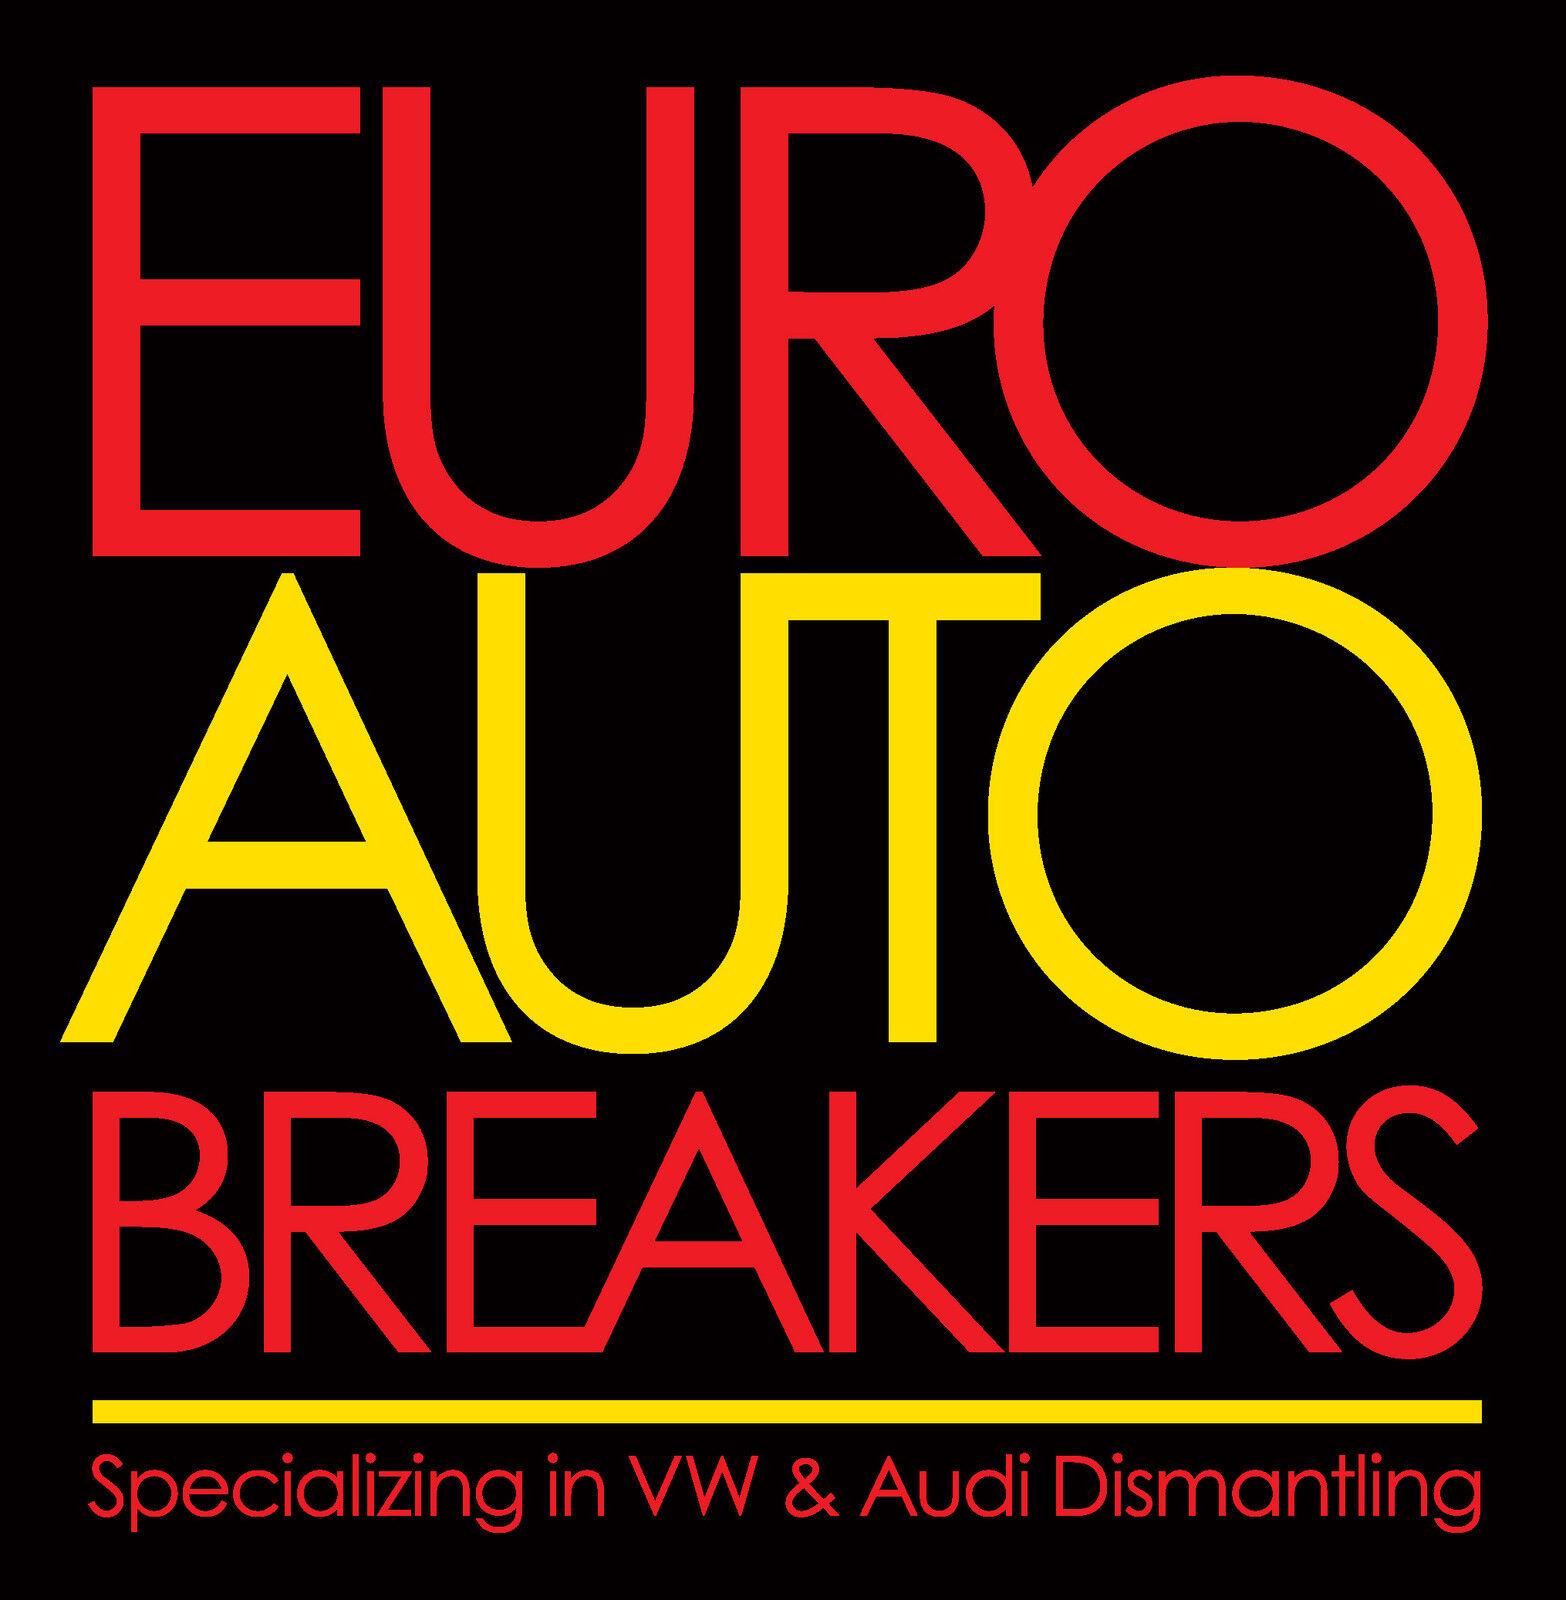 EuroAutoBreakers